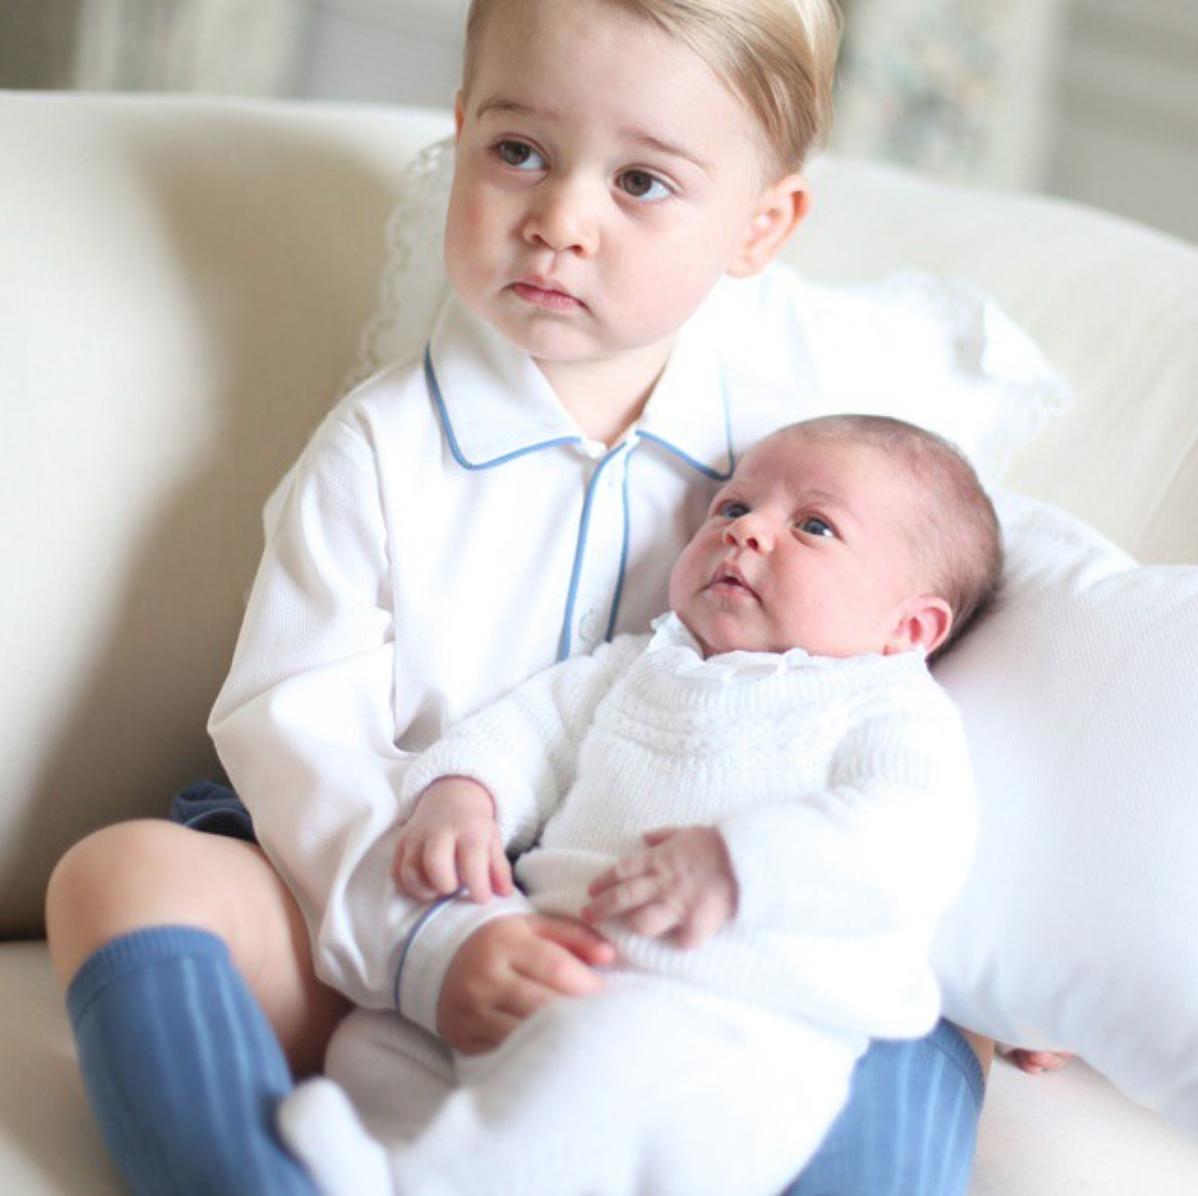 prince or princess baby names